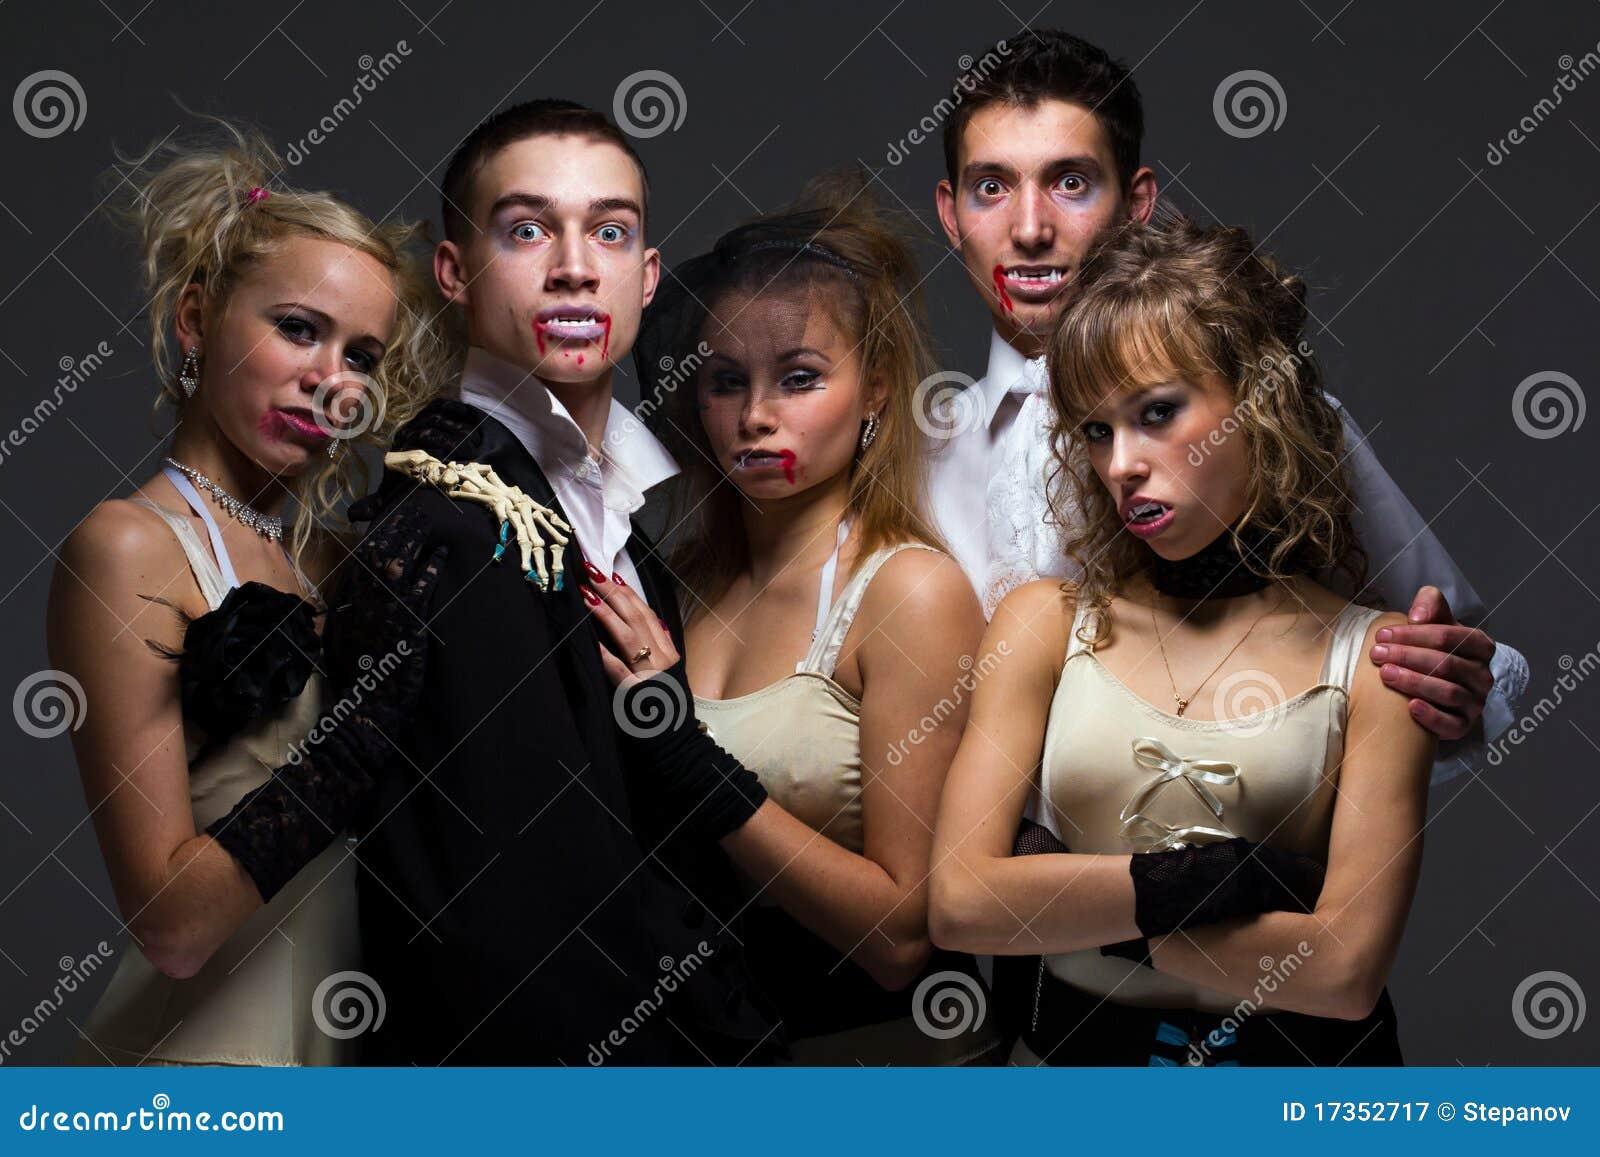 online dating Nairobi